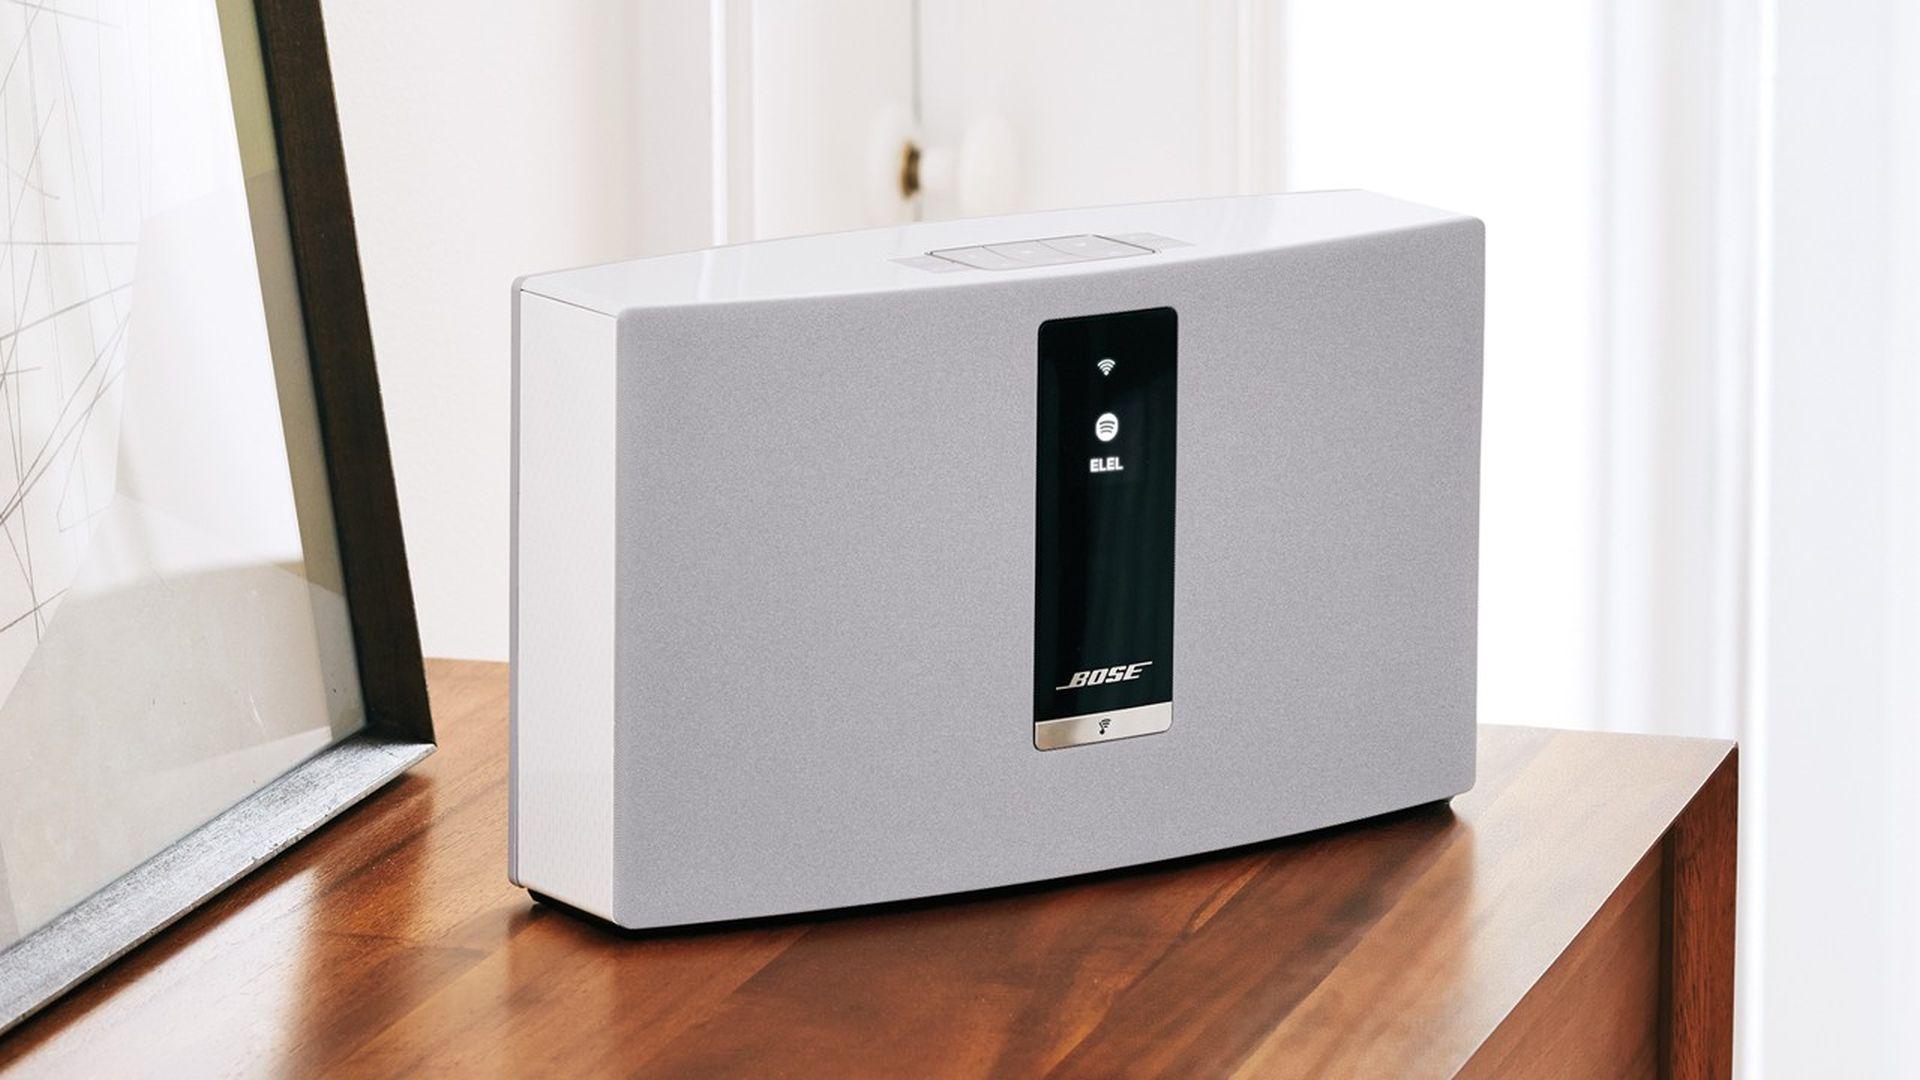 Firma Bose dodaje wsparcie dla AirPlay 2 do swoich urządzeń